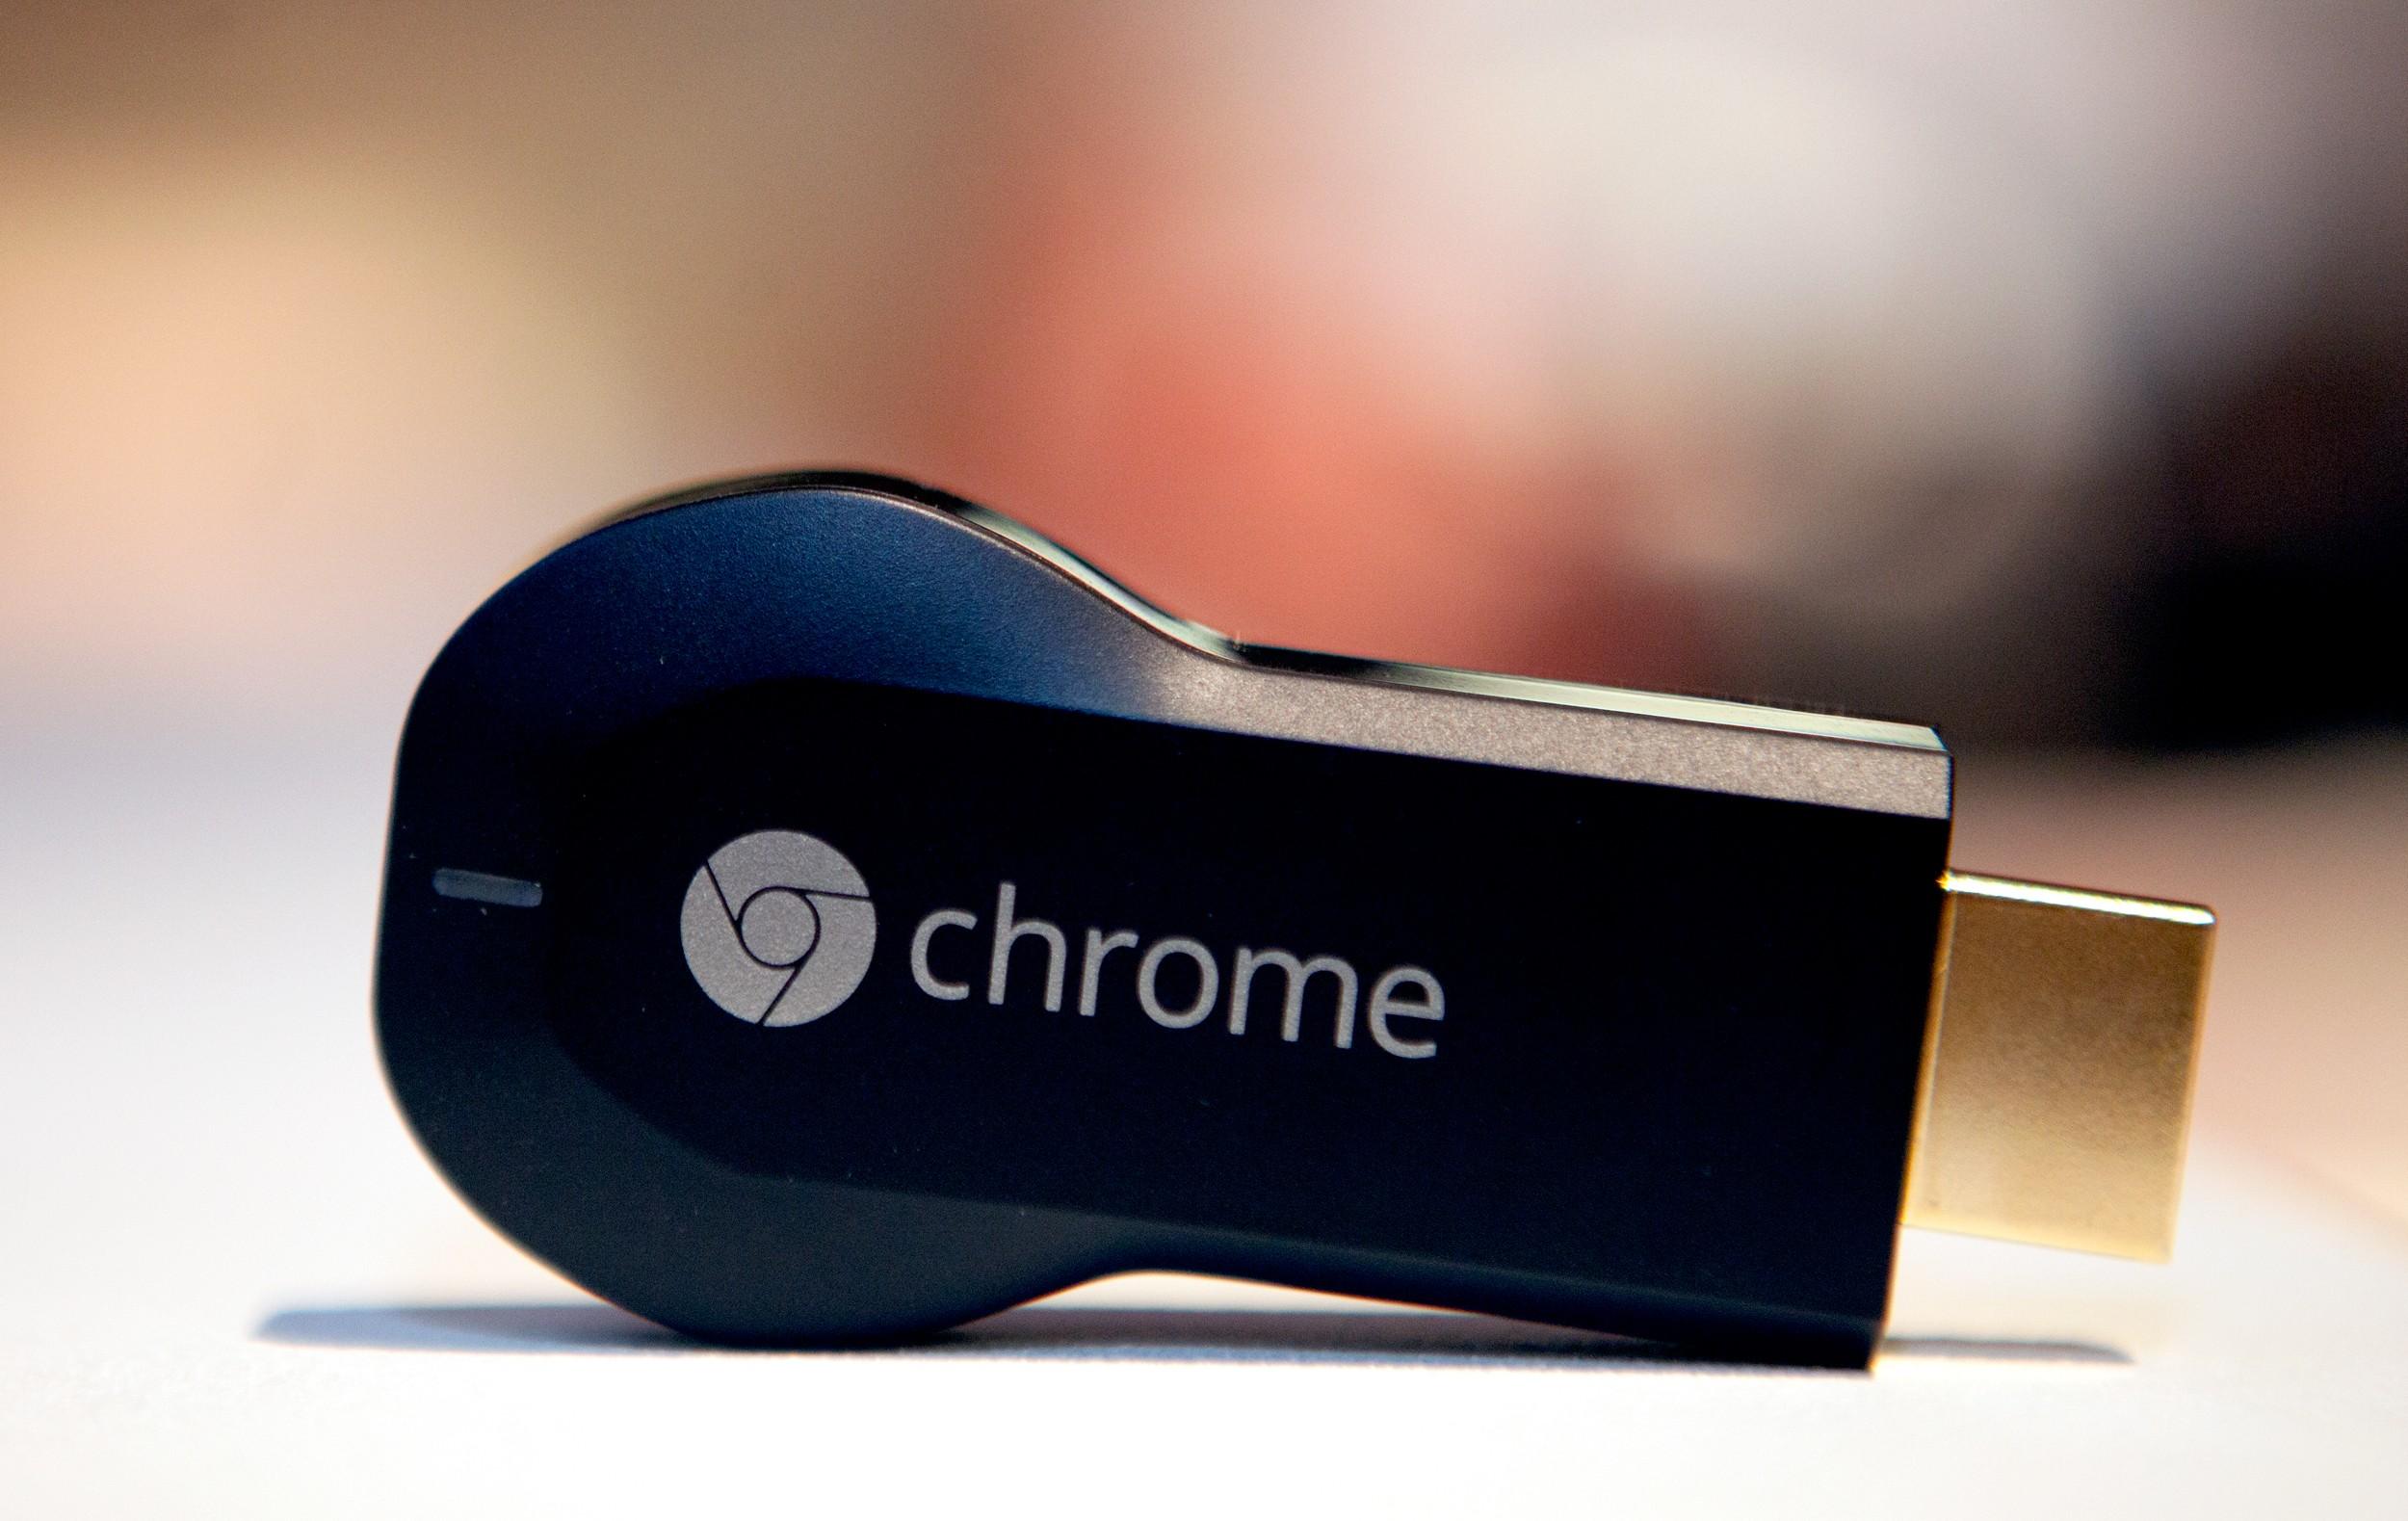 image0013 - Hướng dẫn cài đặt Chromecast cho laptop